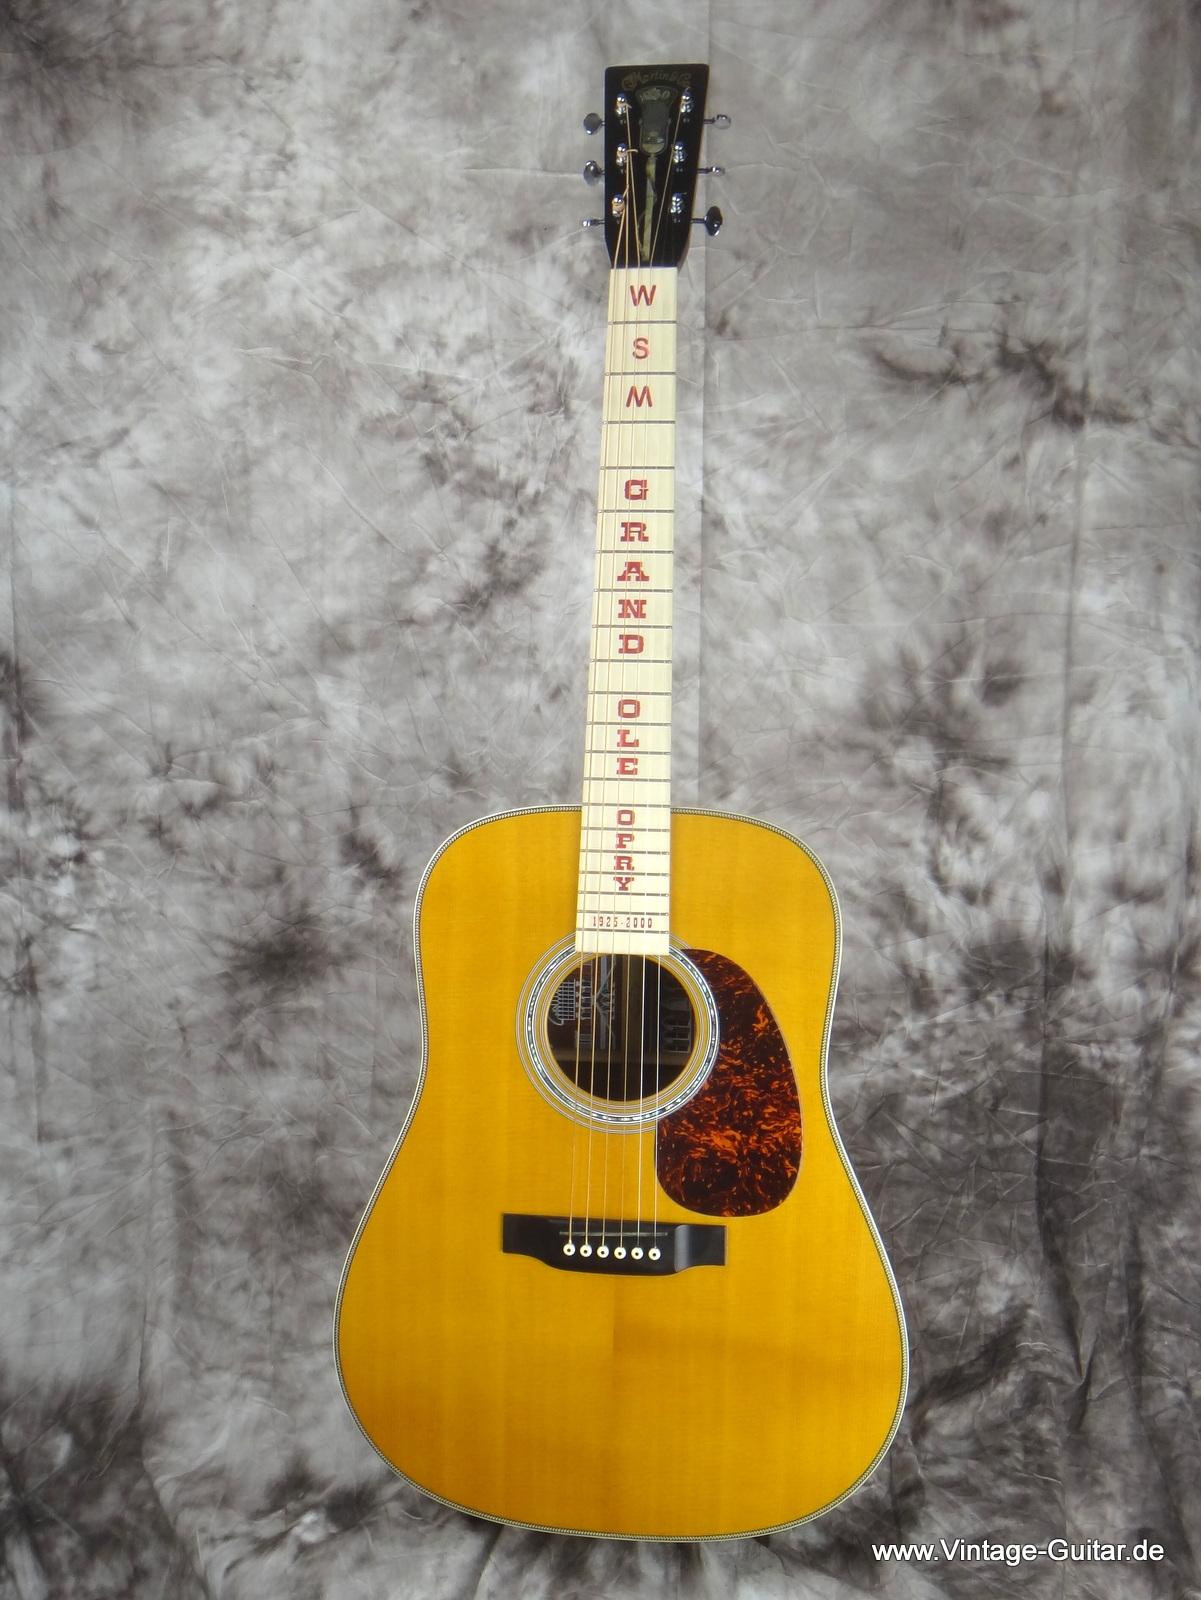 martin wsm grand ole opry 2000 natural guitar for sale vintage guitar oldenburg